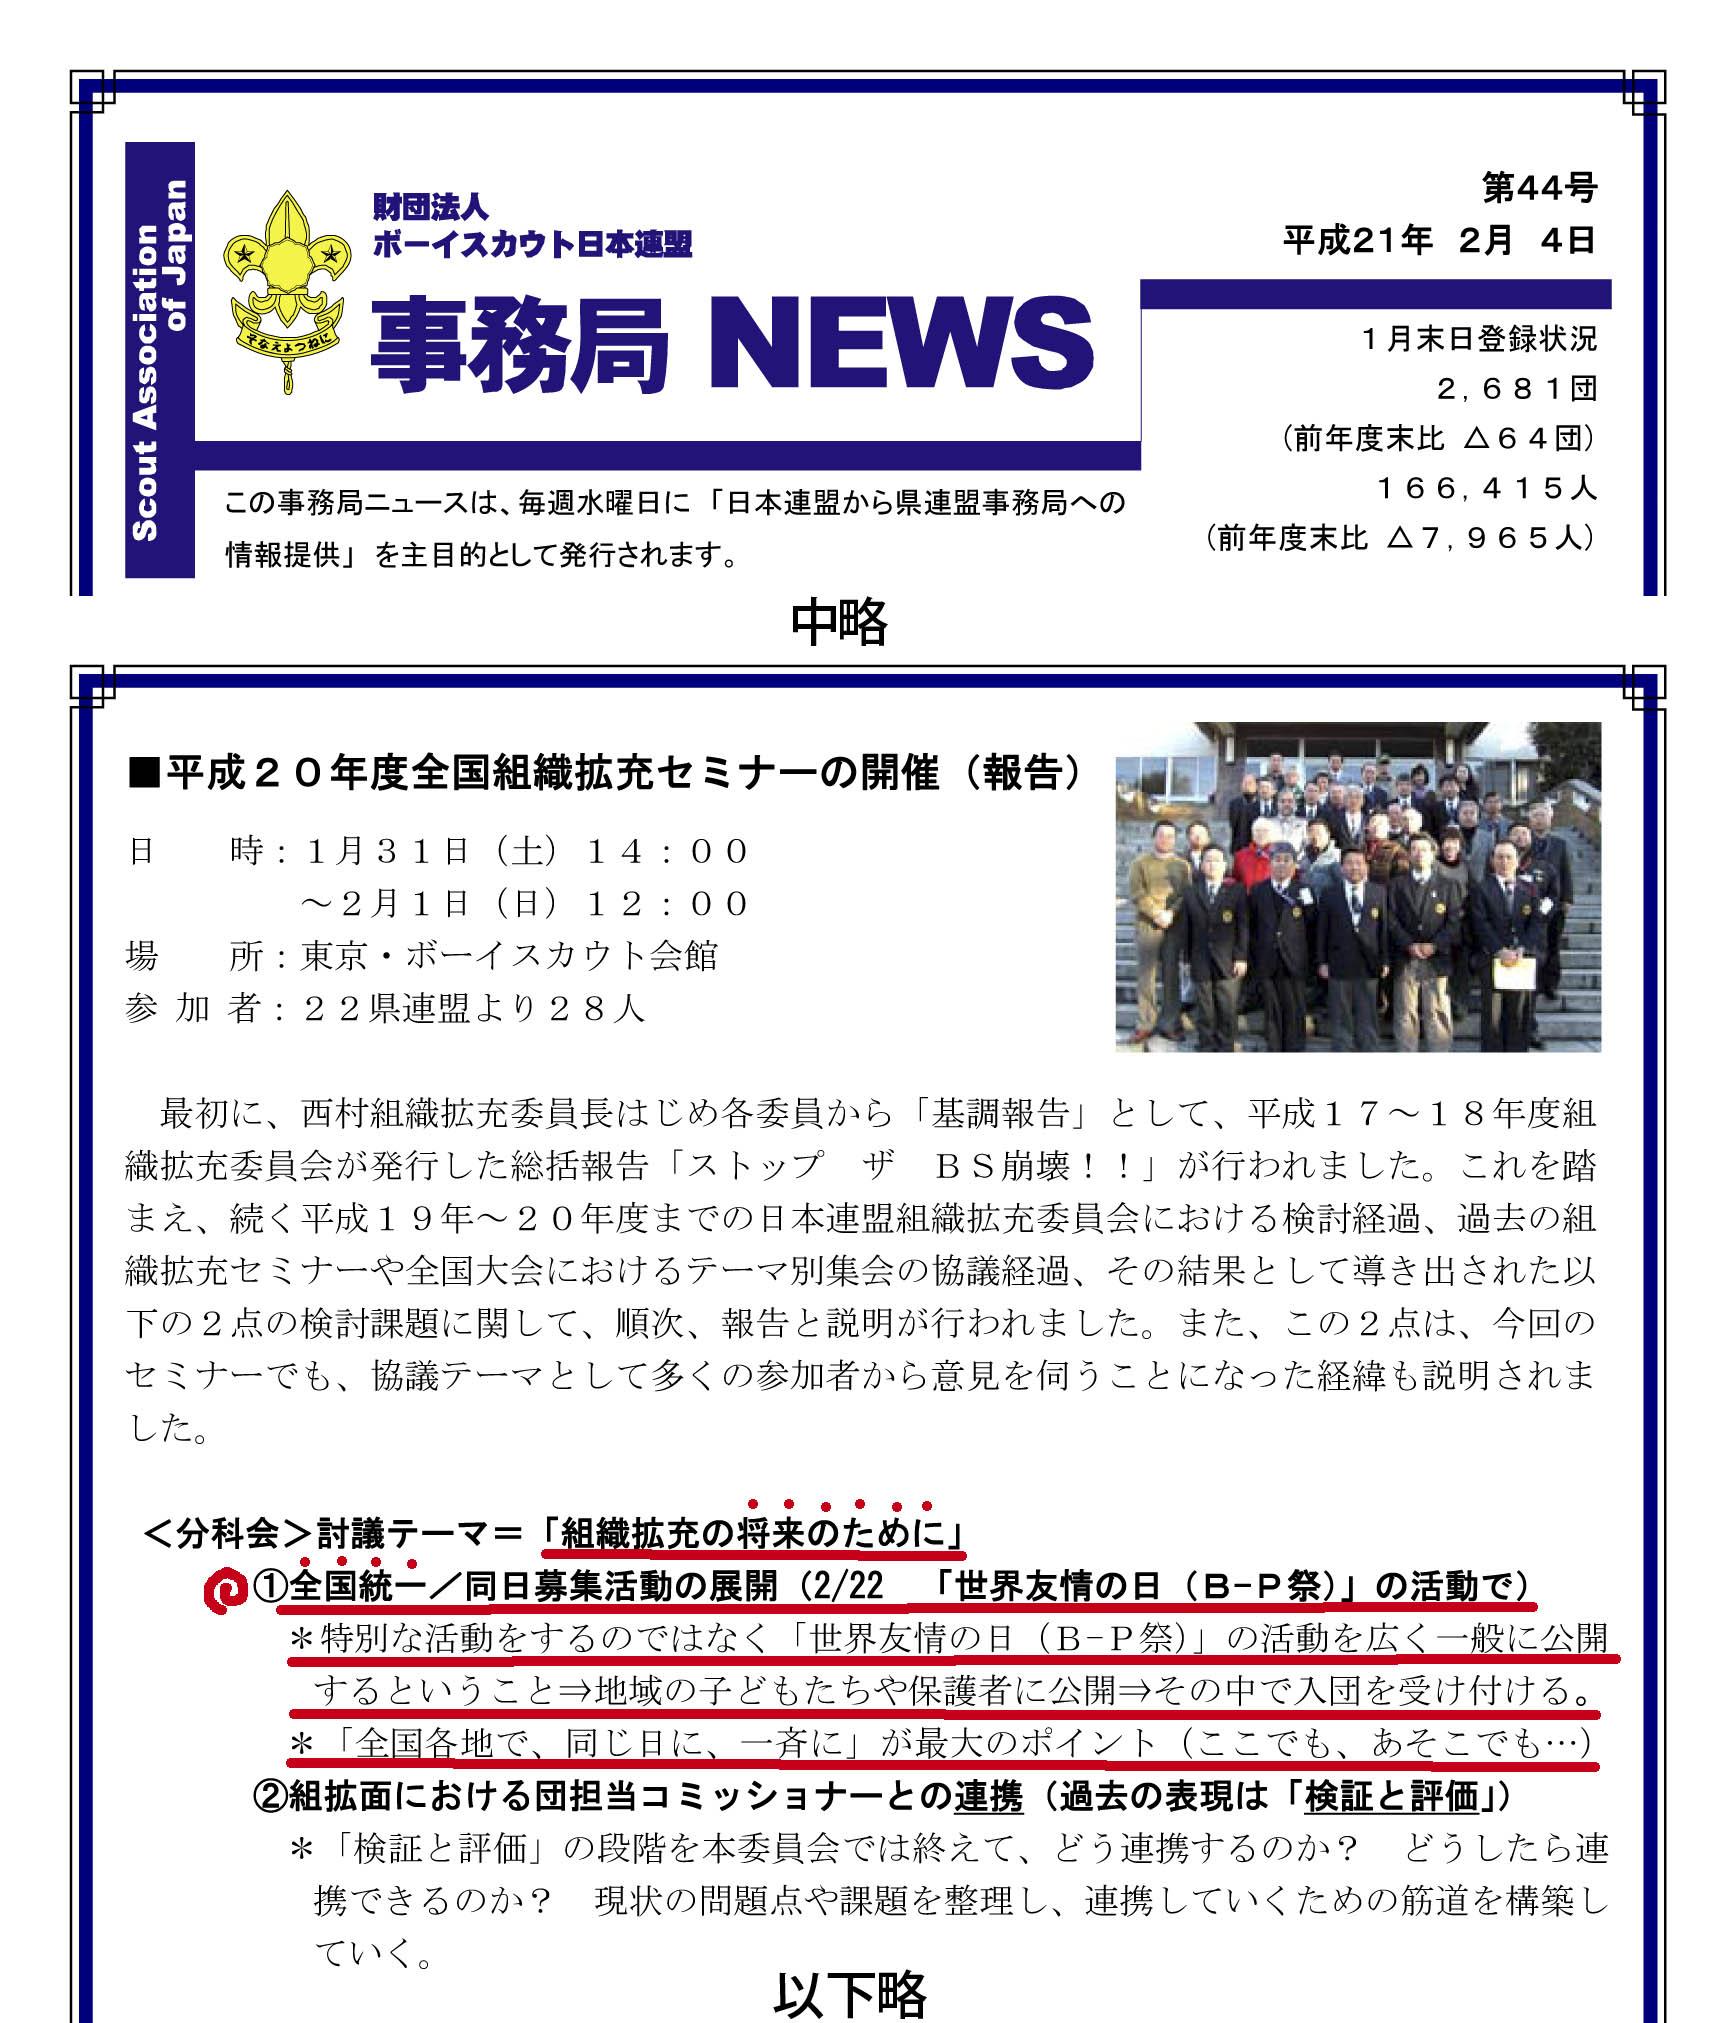 日連事務局ニュース090204